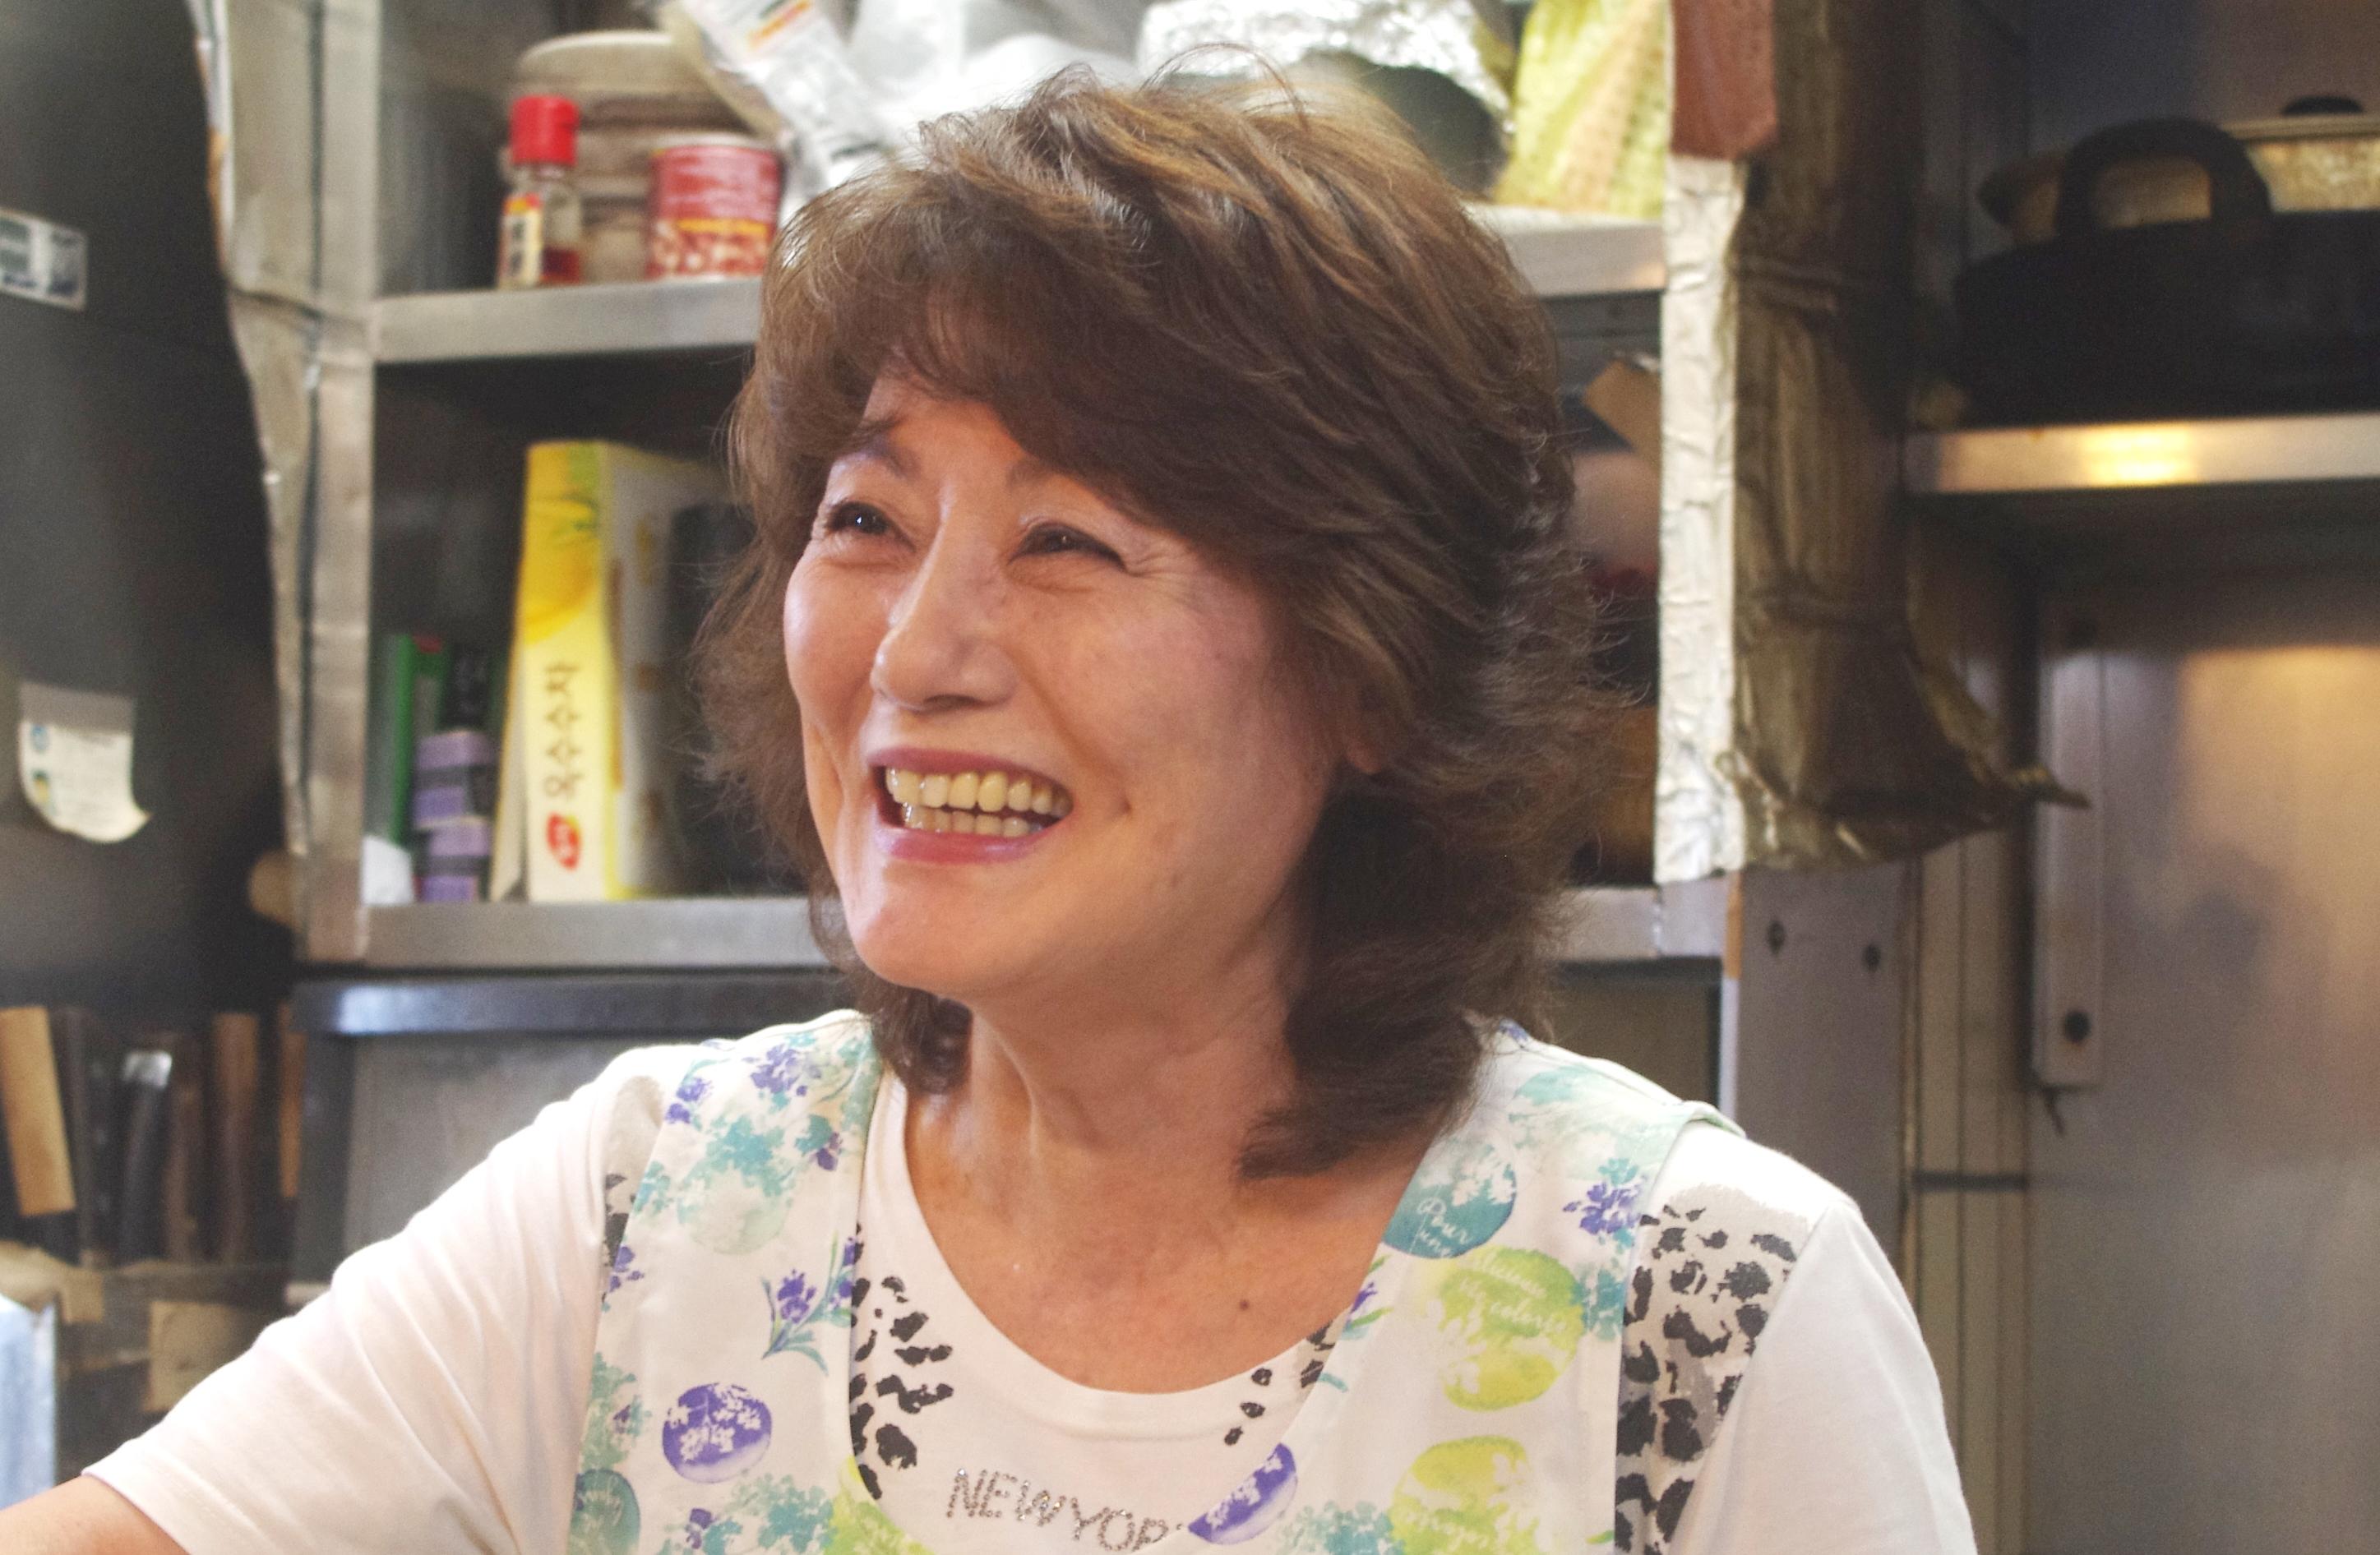 川崎市北部市場『市場メシ』食堂街全8店舗をまとめてご紹介!平日早めのランチがねらい目